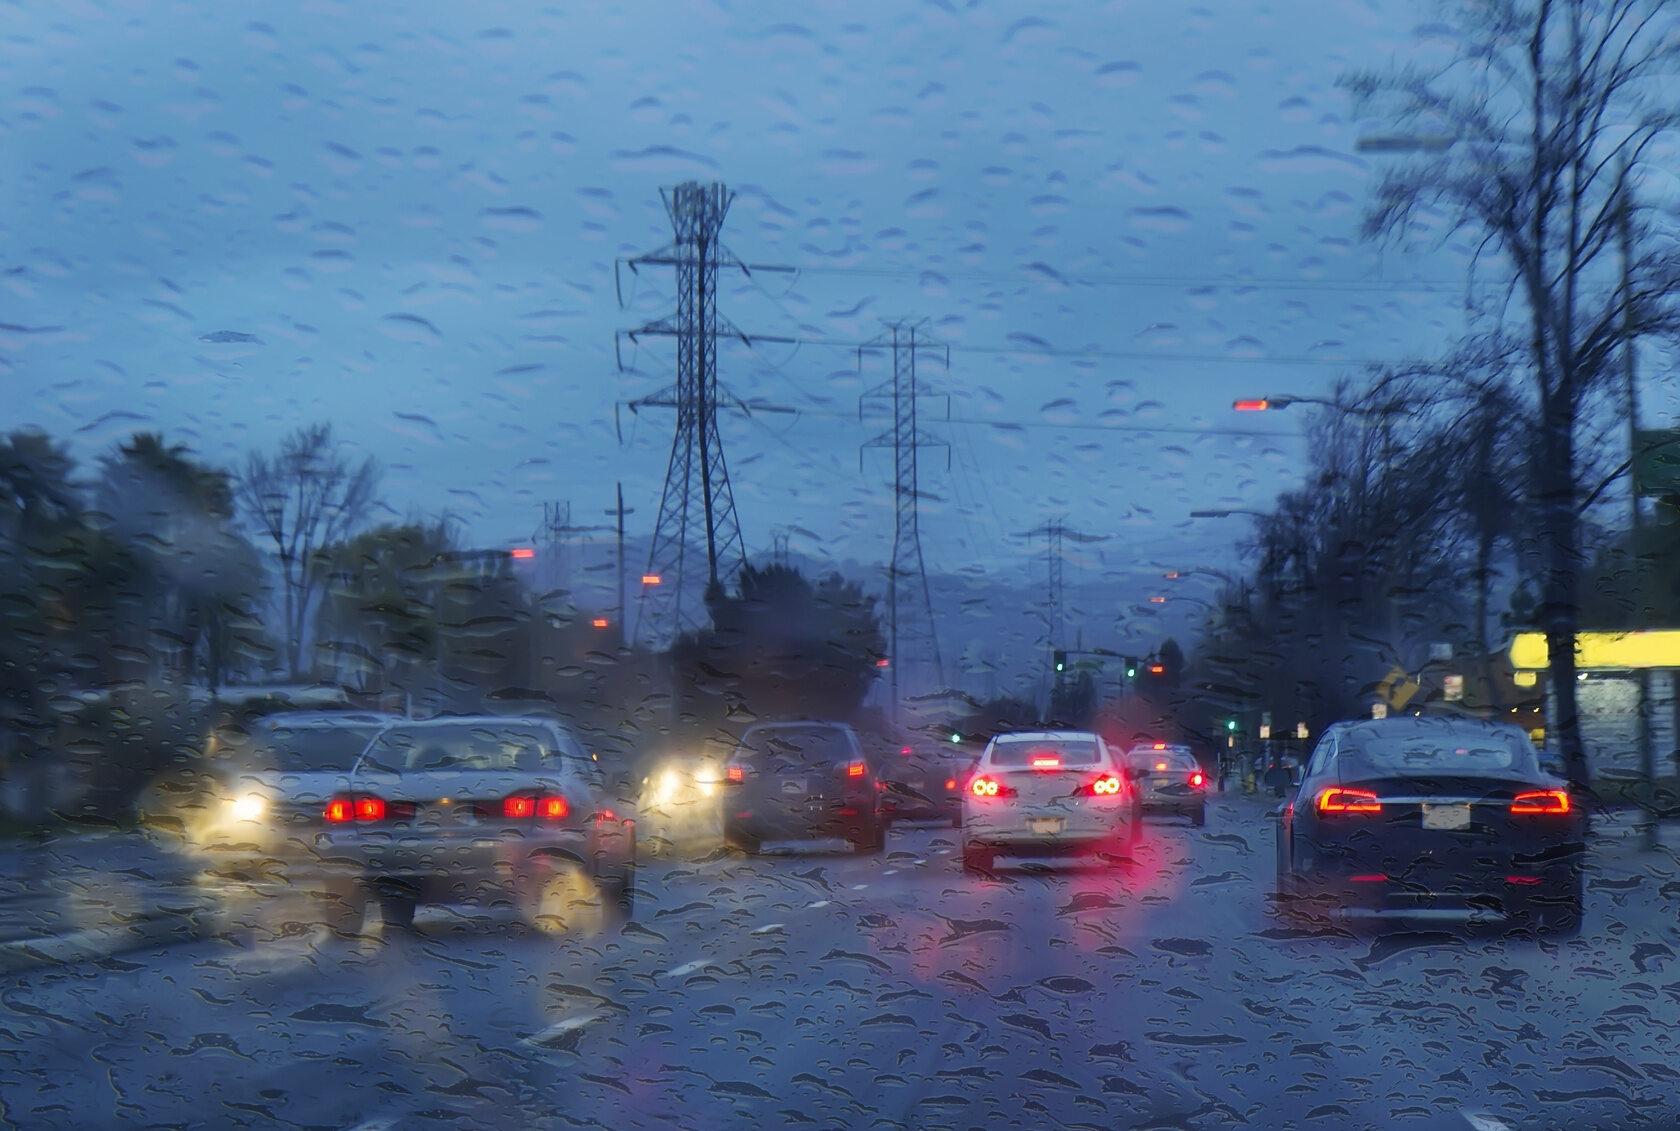 Samochody w deszczu